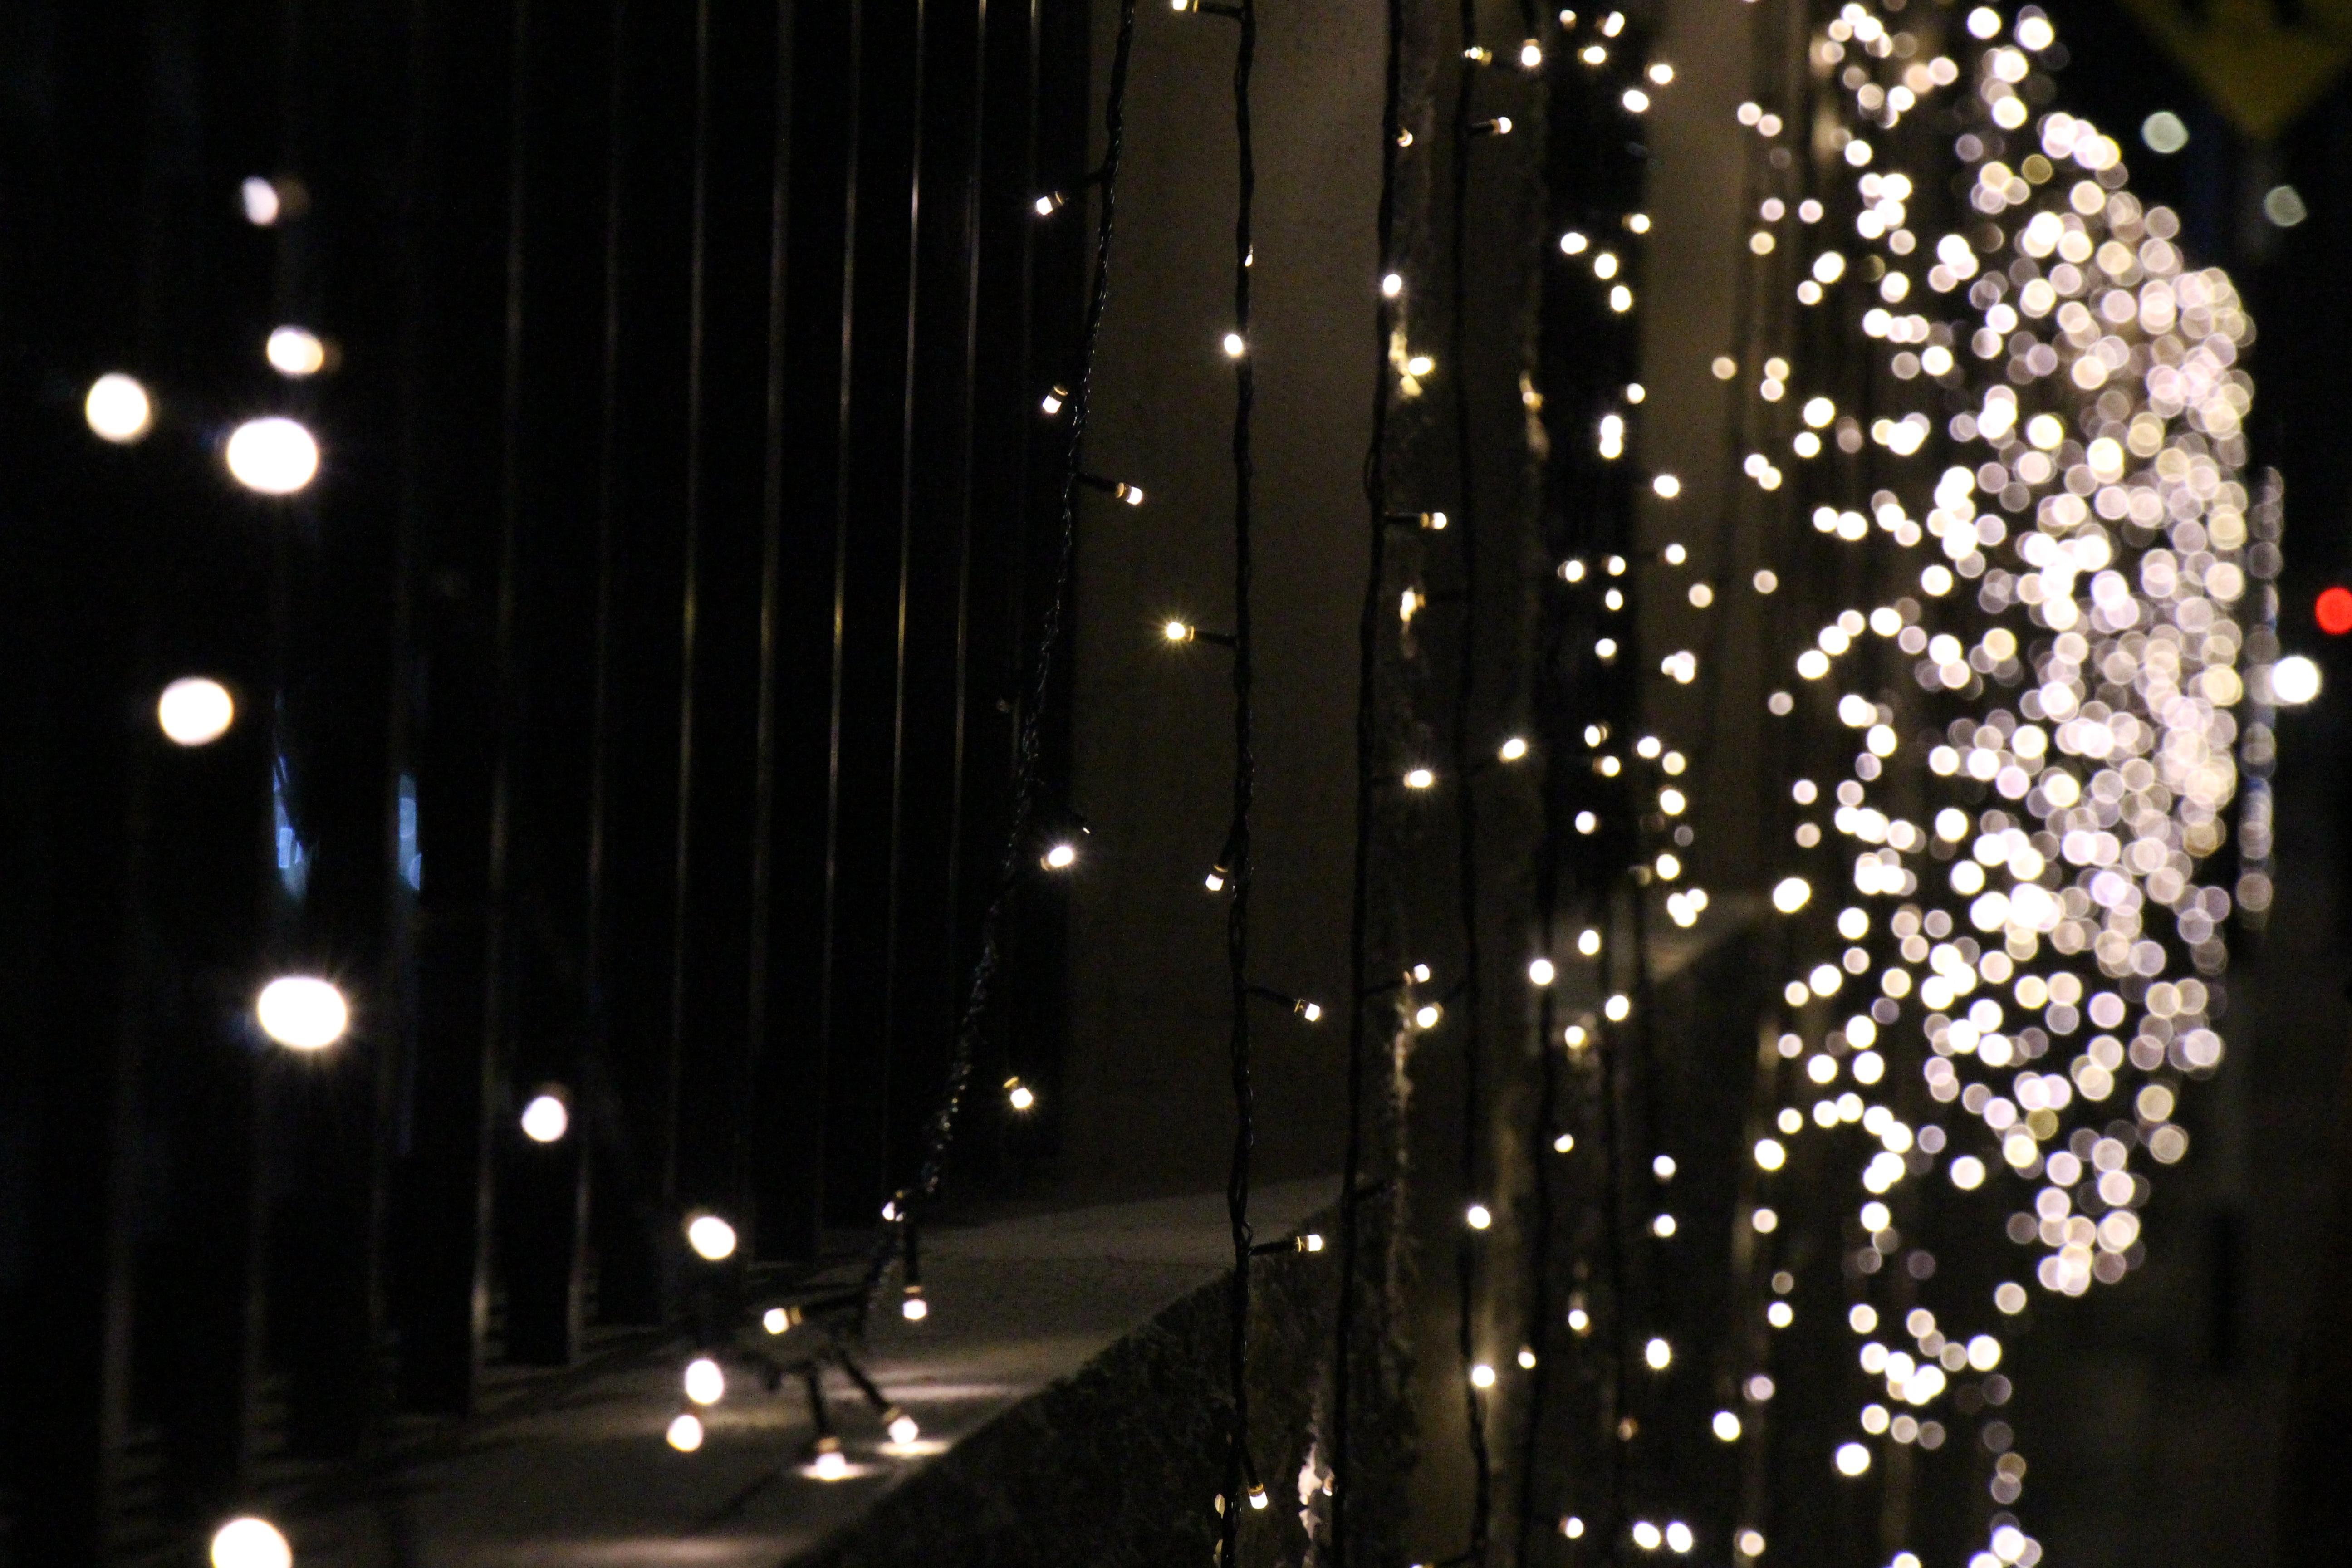 Fotos gratis ligero calle noche celebracion - Decoracion iluminacion de interiores ...